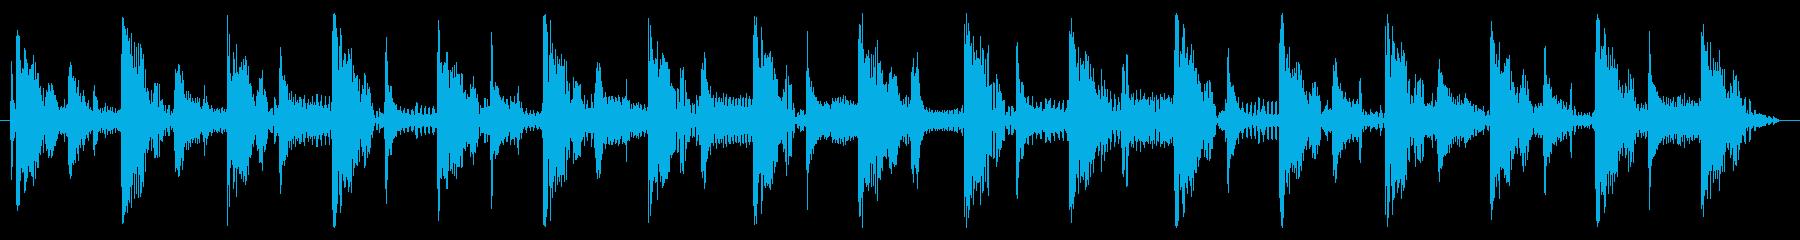 ベース生演奏のクールスラップジングル05の再生済みの波形